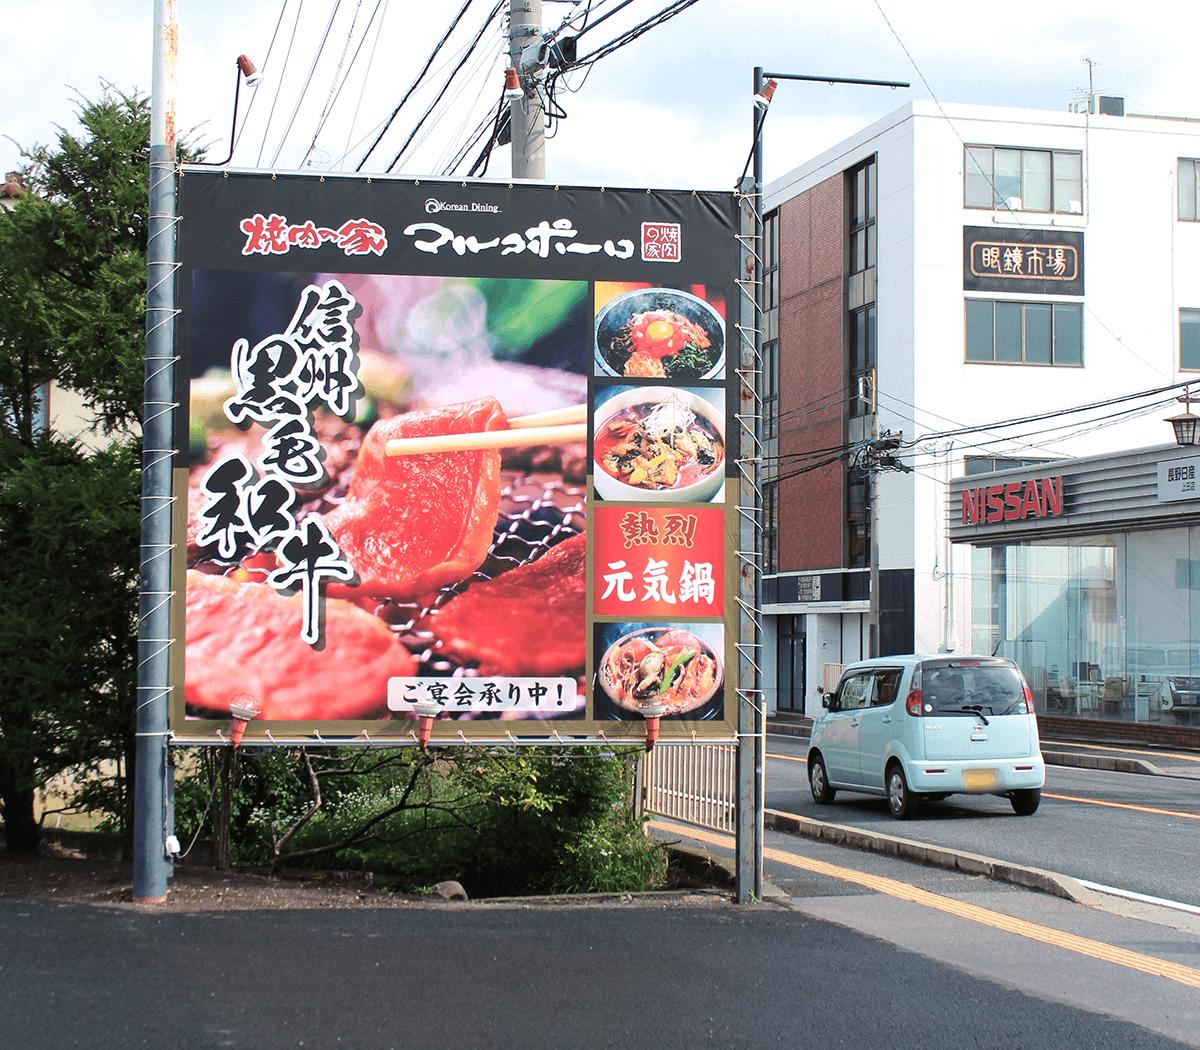 焼肉の家マルコポーロ様 上田店タペストリー